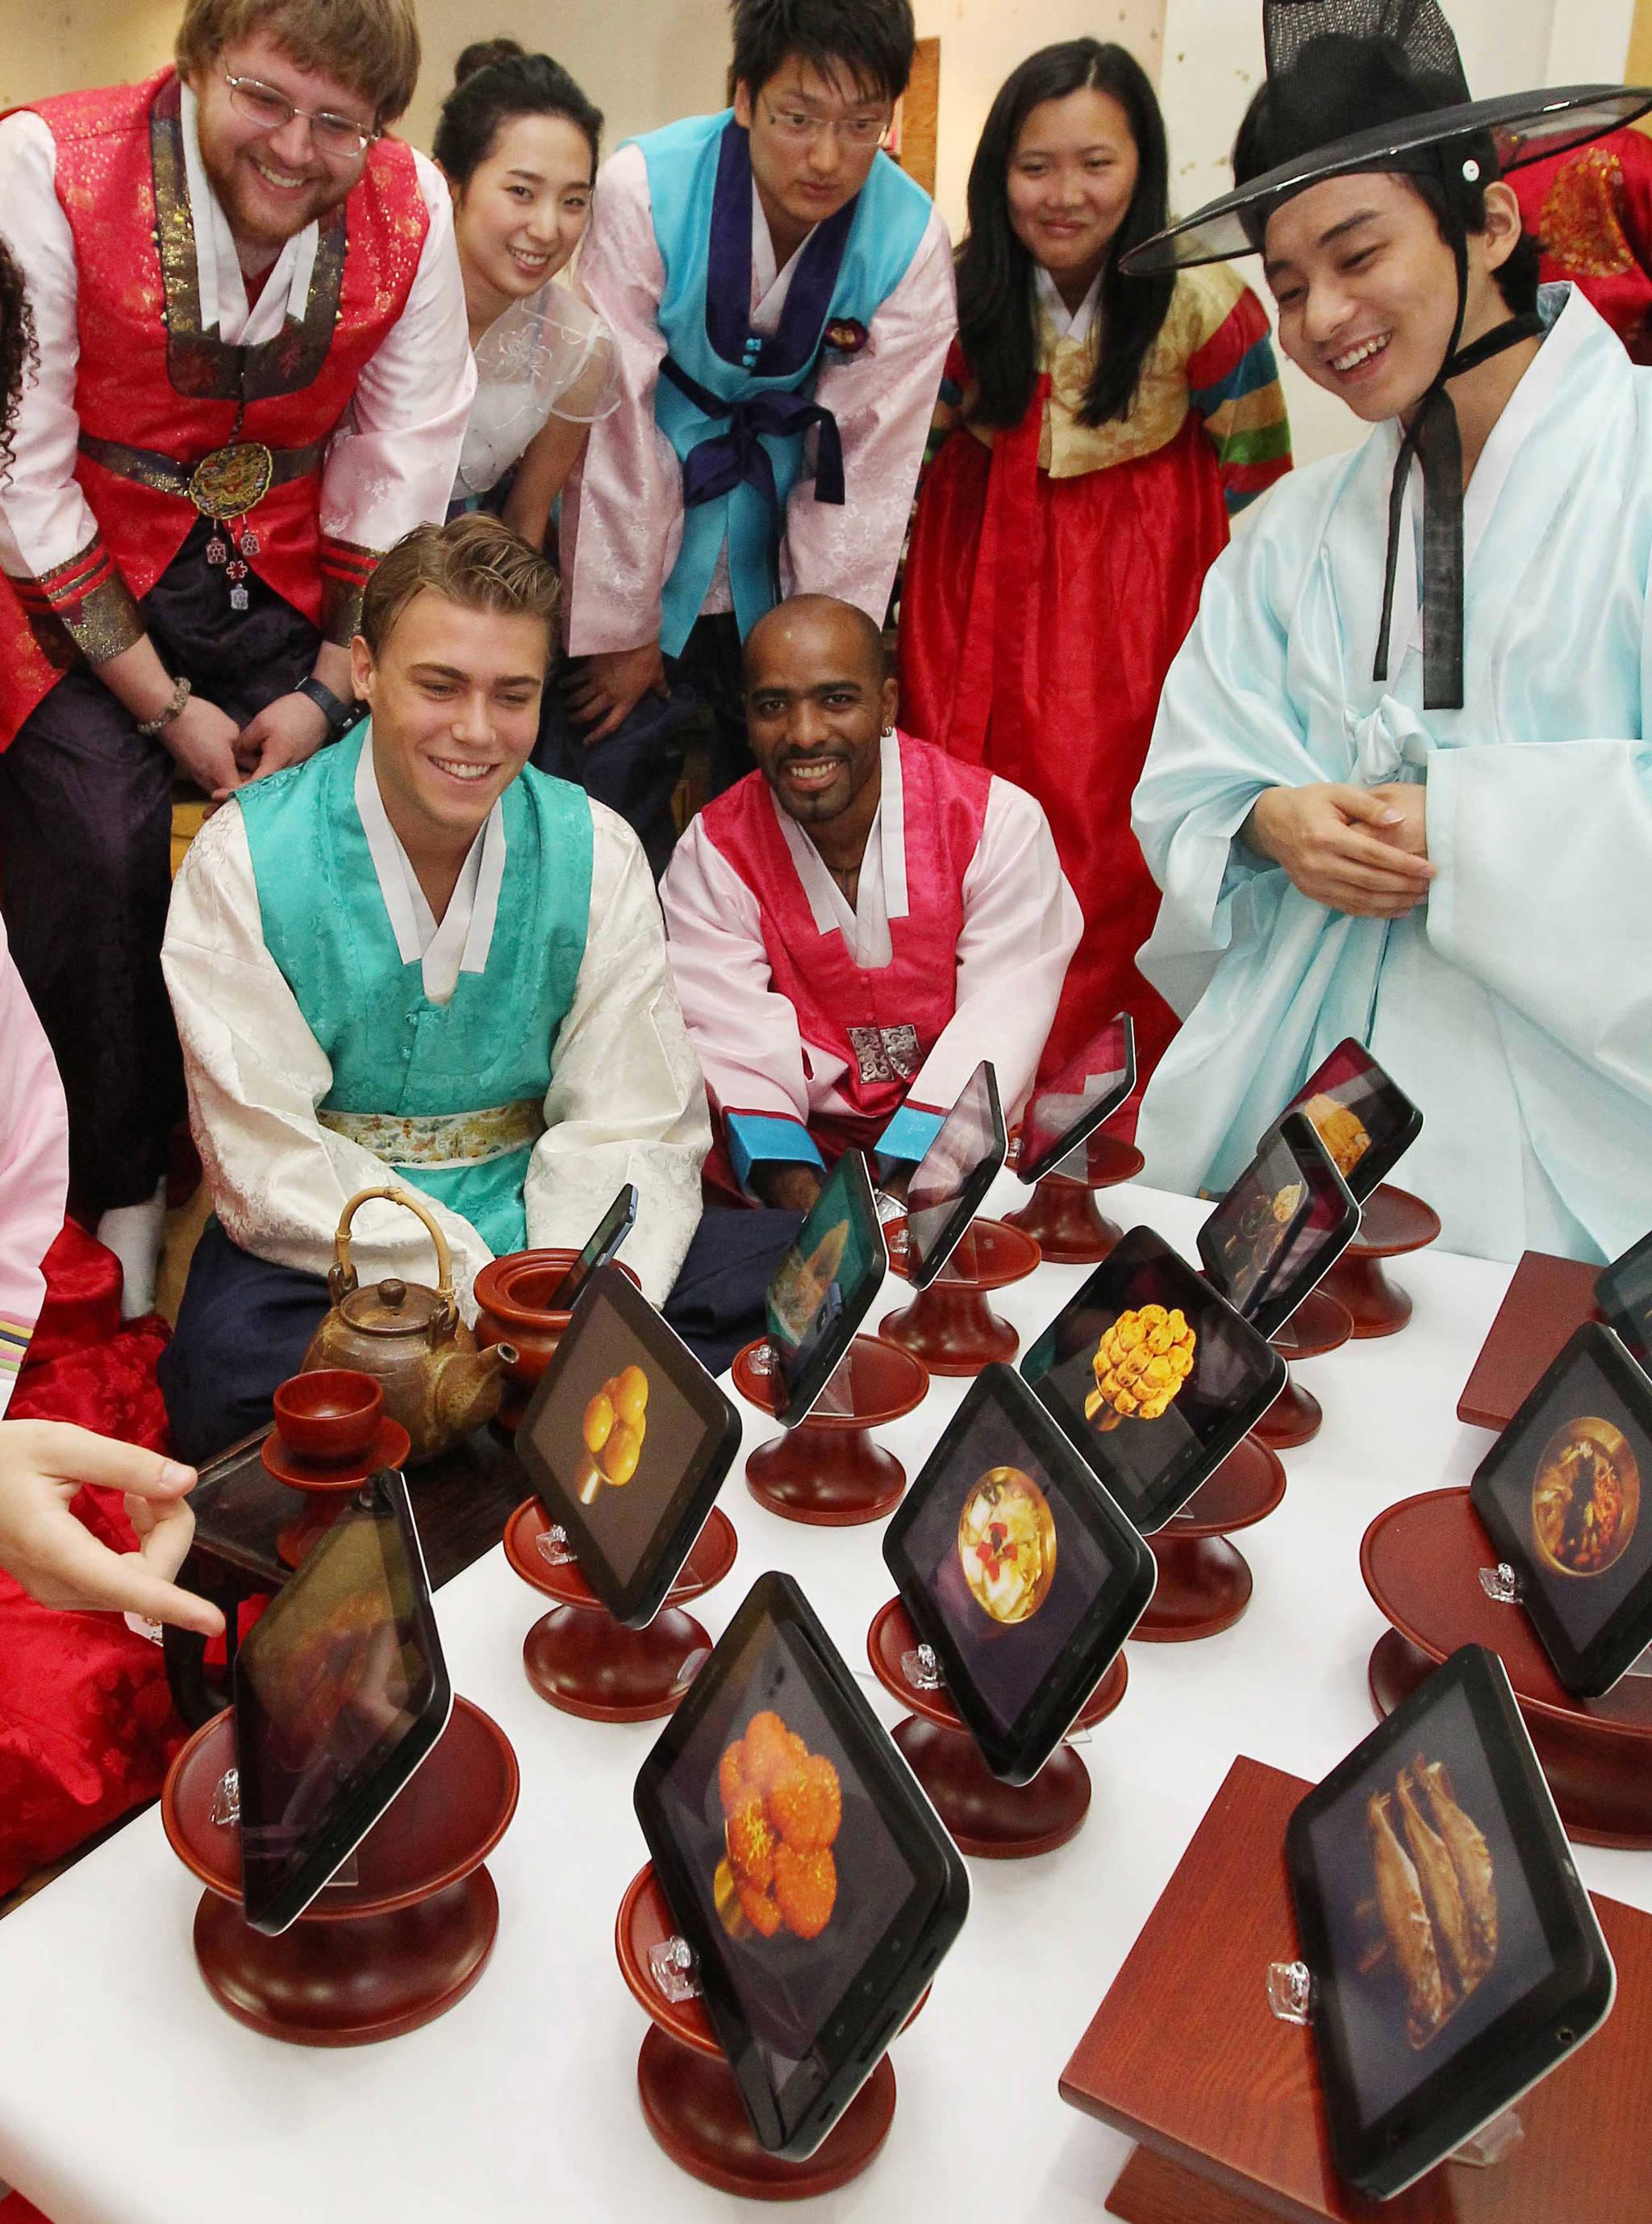 2011년 추석(9월12일)을 앞둔 9월8일 인제대학교는 외국 유학생을 대상으로 테블릿PC를 이용한 디지털 추석 상차리기 체험 행사를 가졌다. 디지털 세상을 상징하는 장면이었다.송봉근 기자